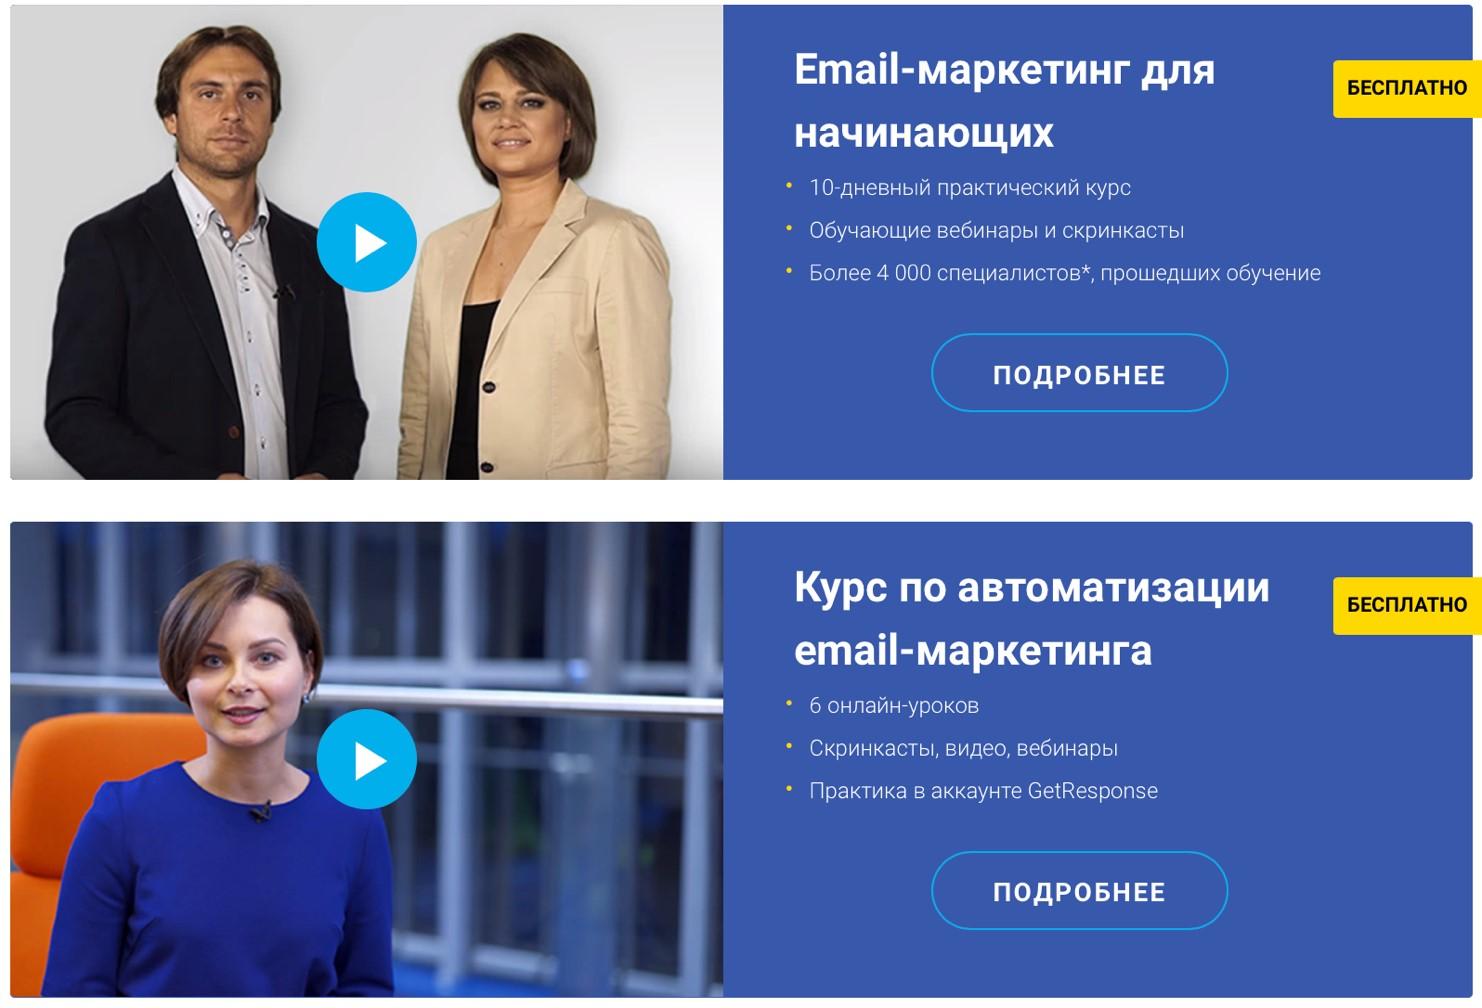 Бесплатный курс по автоматизации email-маркетинга